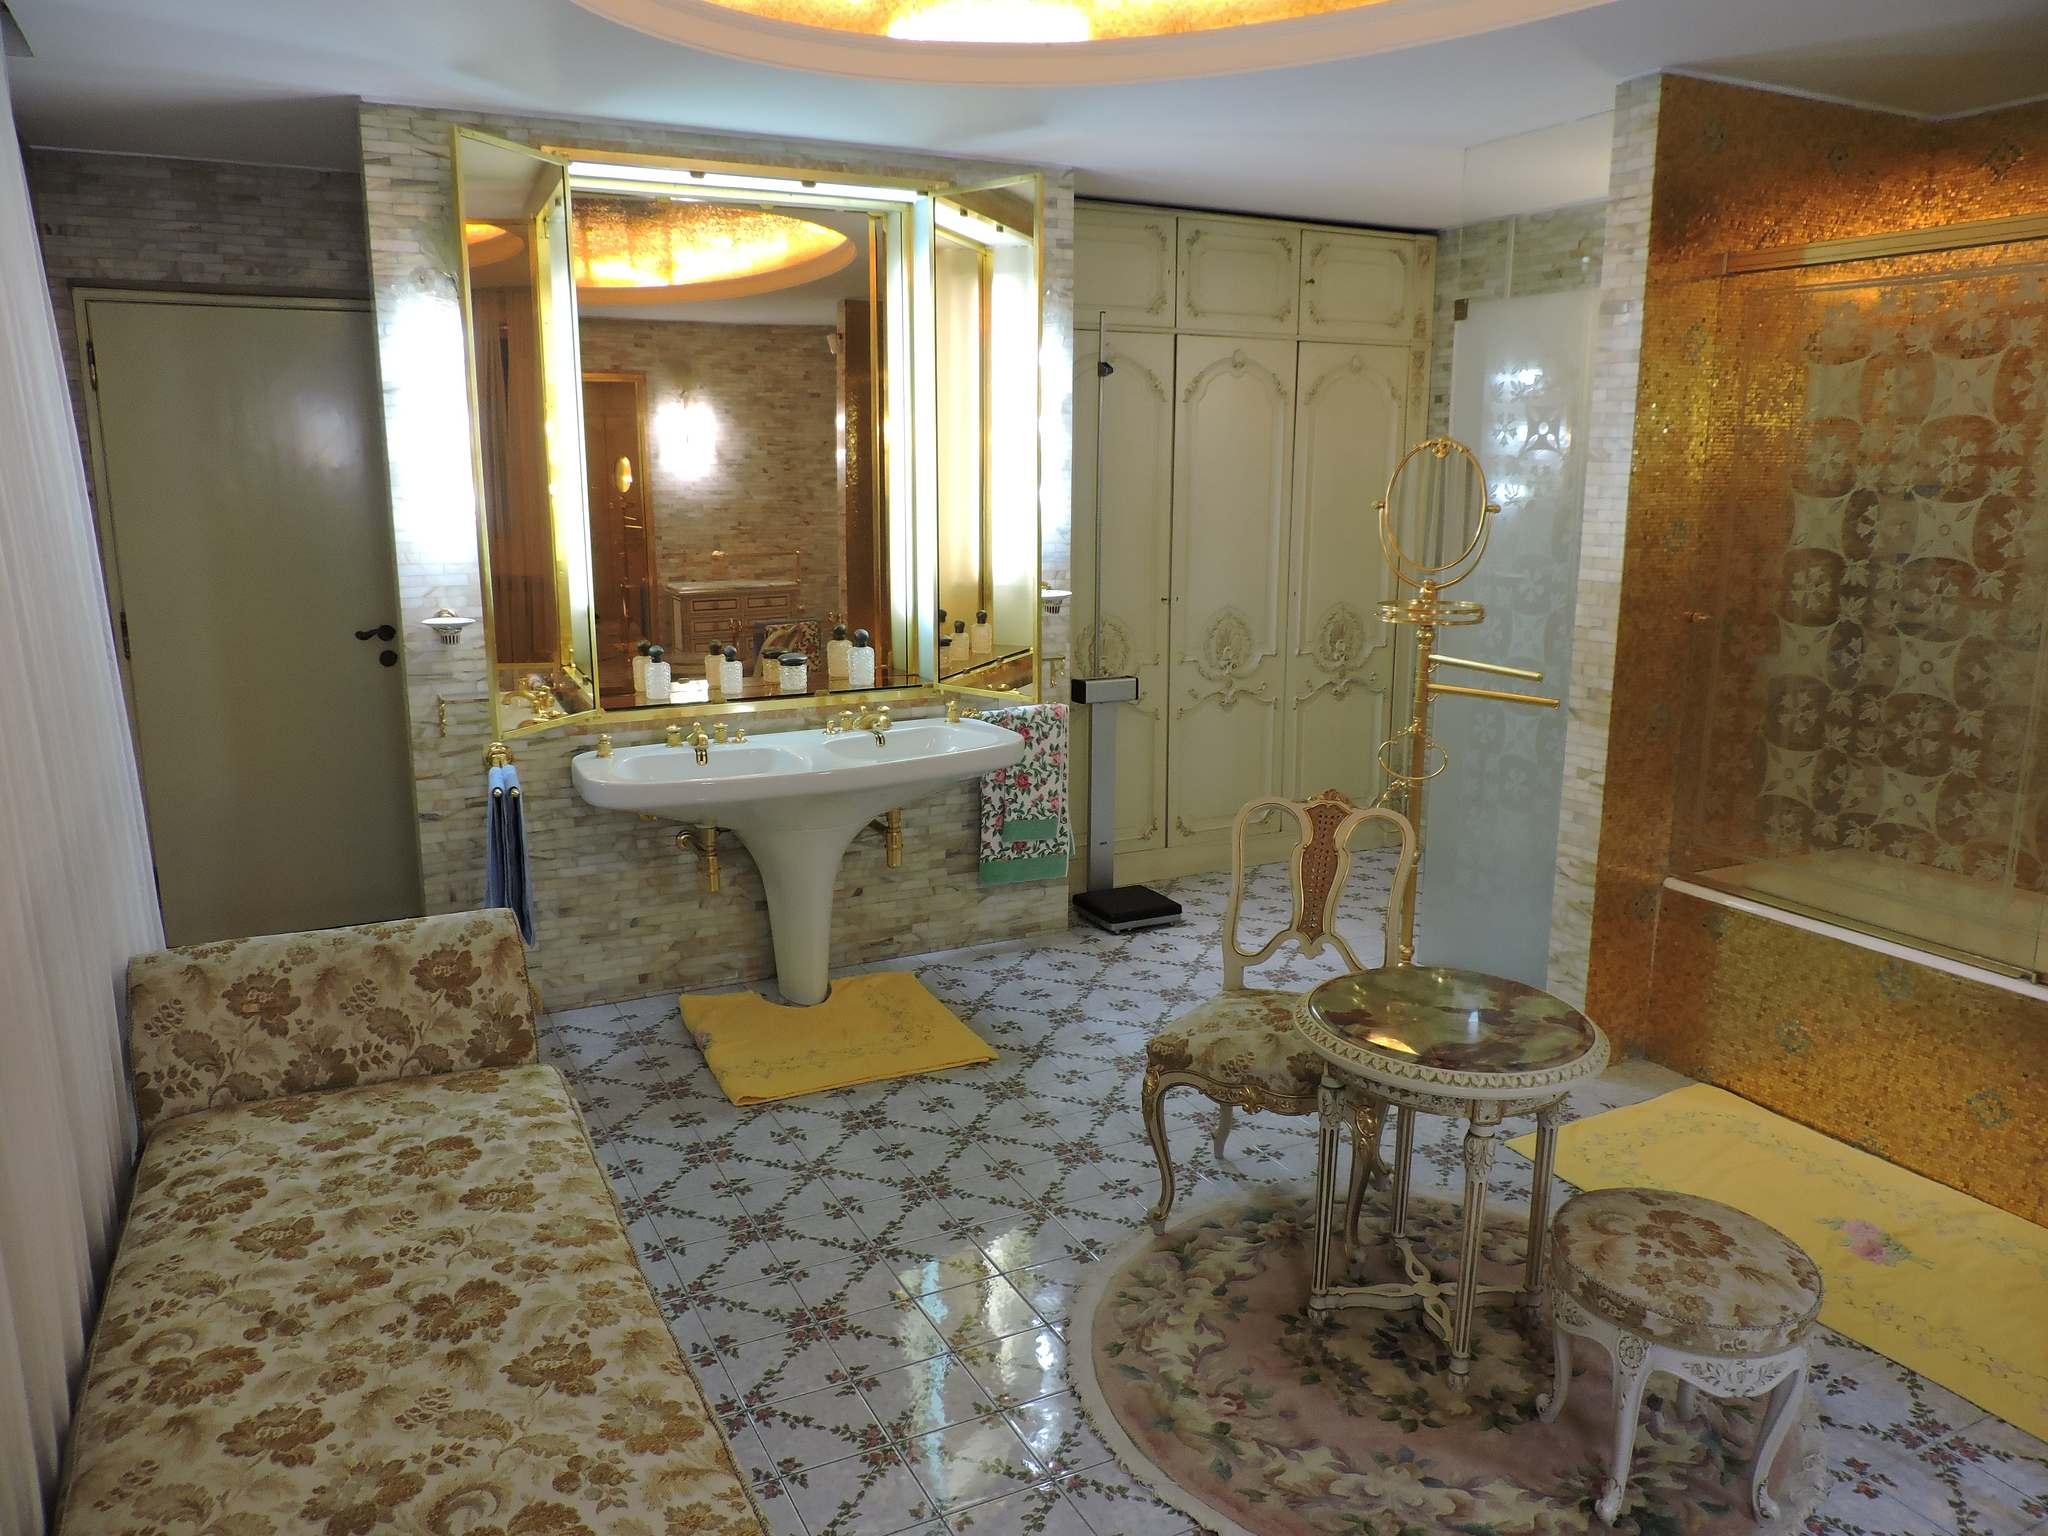 palatul primaverii10 Palatul Primaverii aka Spring Palace of Ceausescu